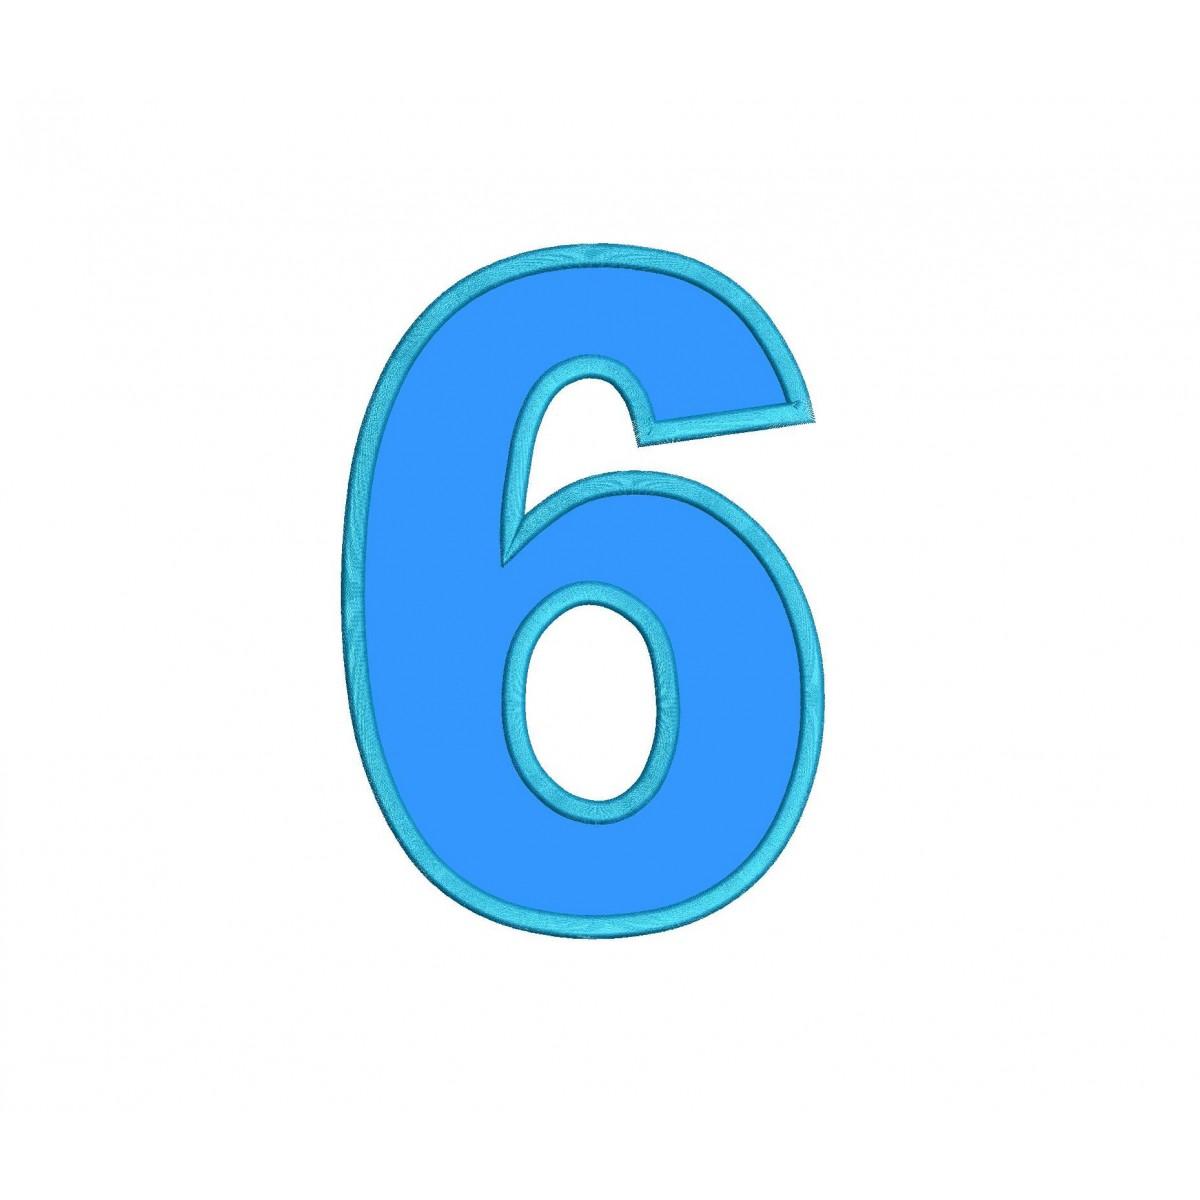 Number 6 Applique Design